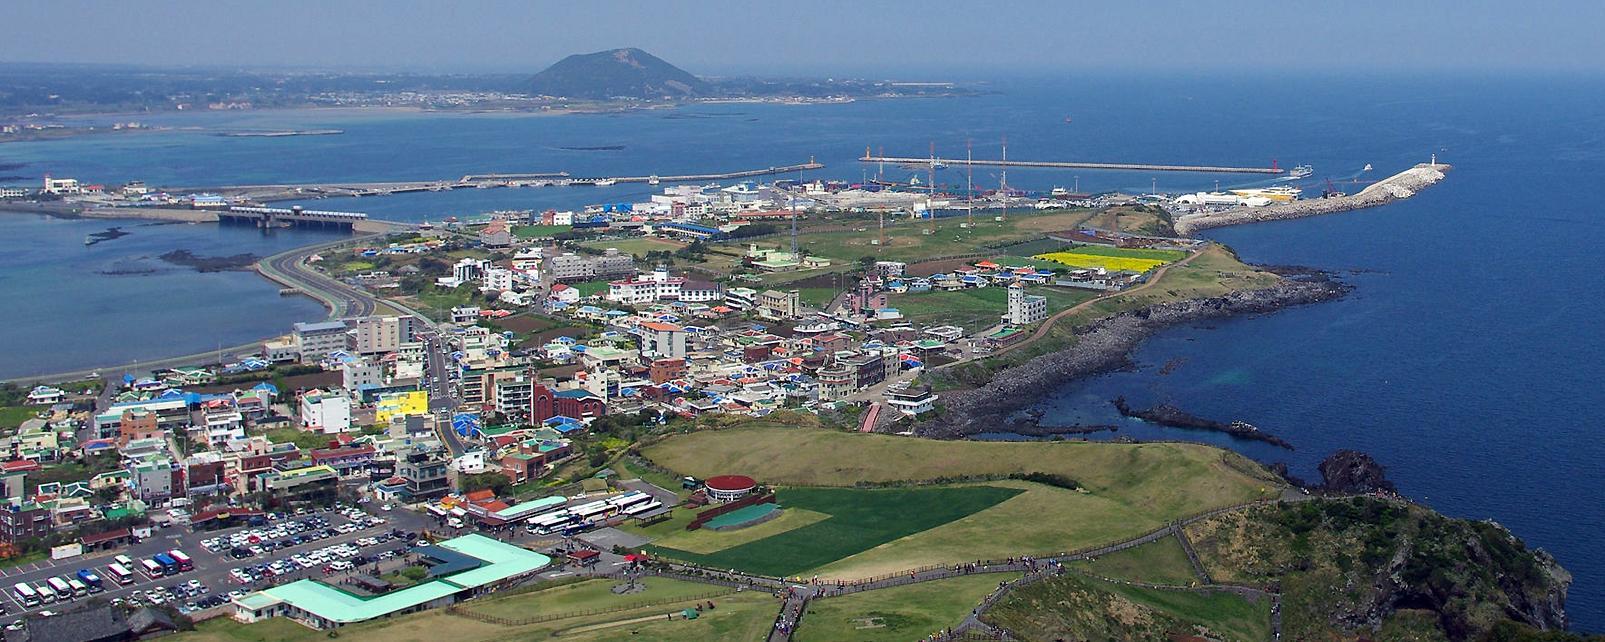 Corea del Sur Cheju - Jeju